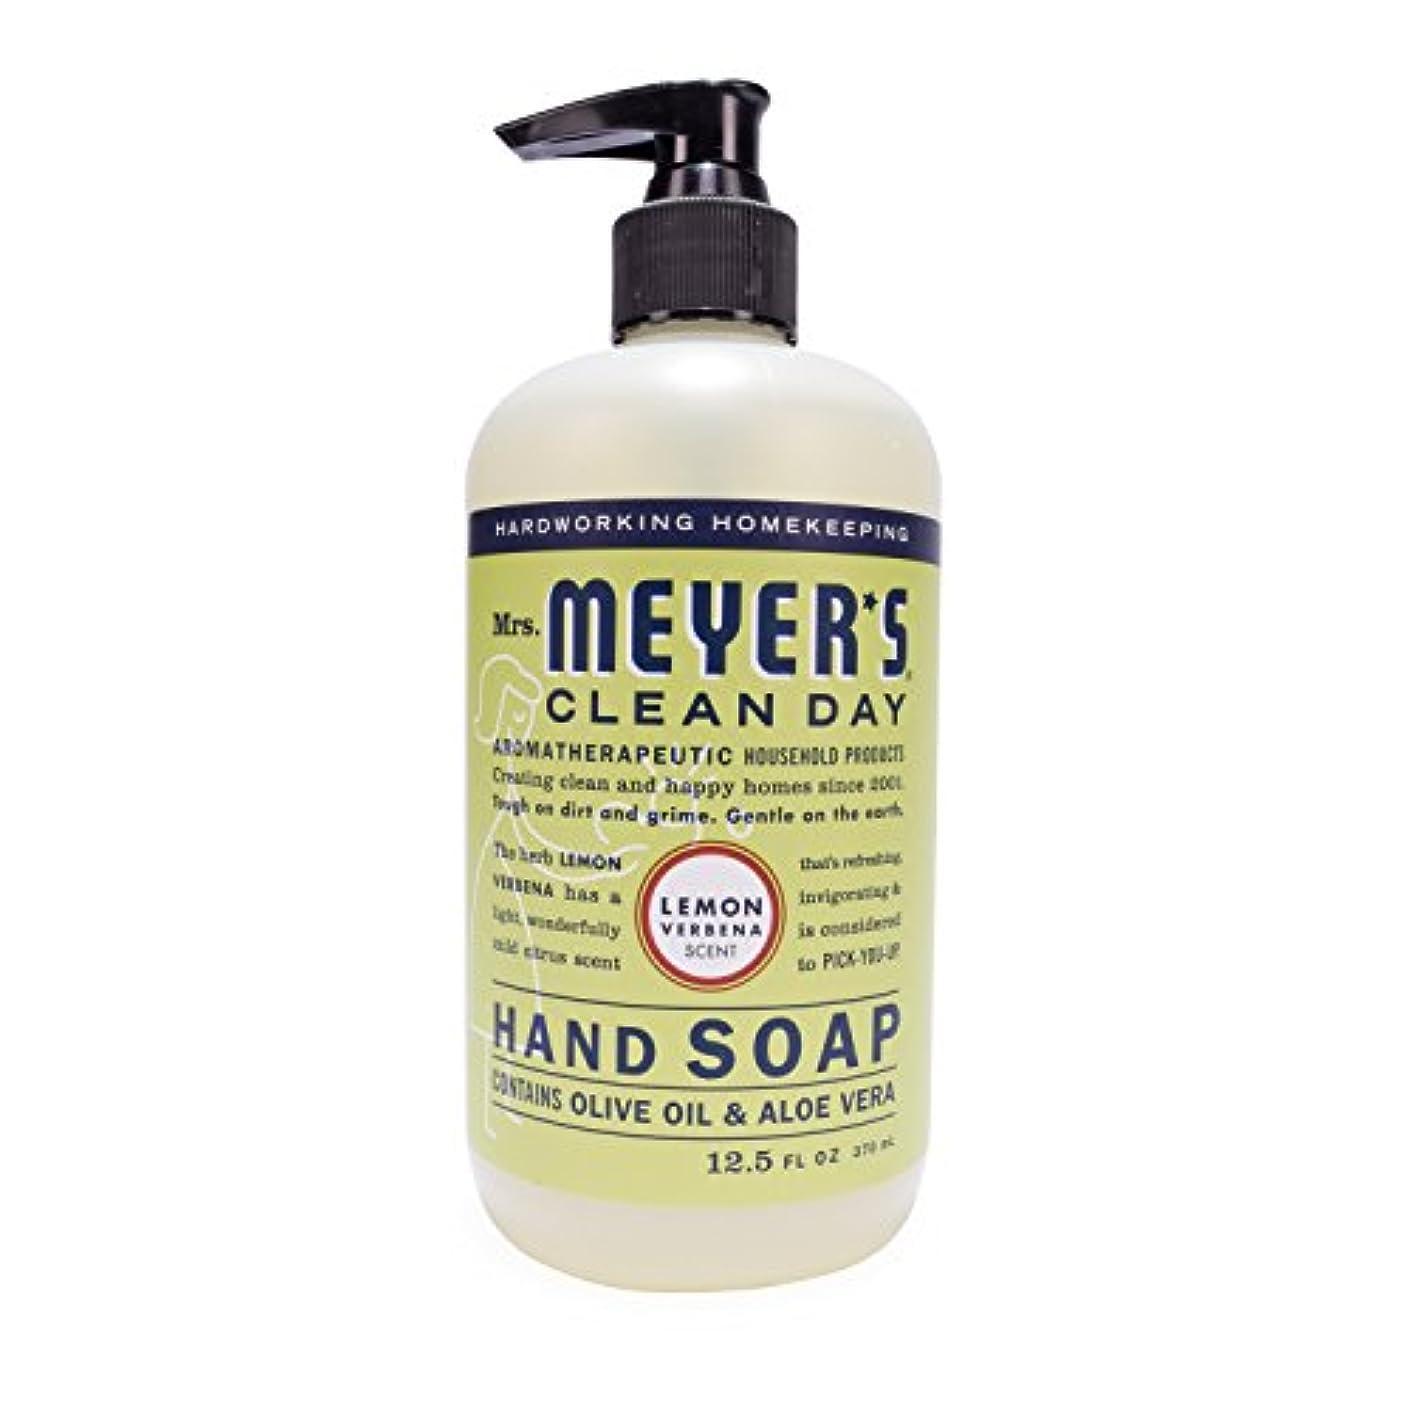 位置する保全知っているに立ち寄るMrs. Meyer's Hand Soap Lemon Verbena, 12.5 Fluid Ounce (Pack of 3) by Mrs. Meyer's Clean Day